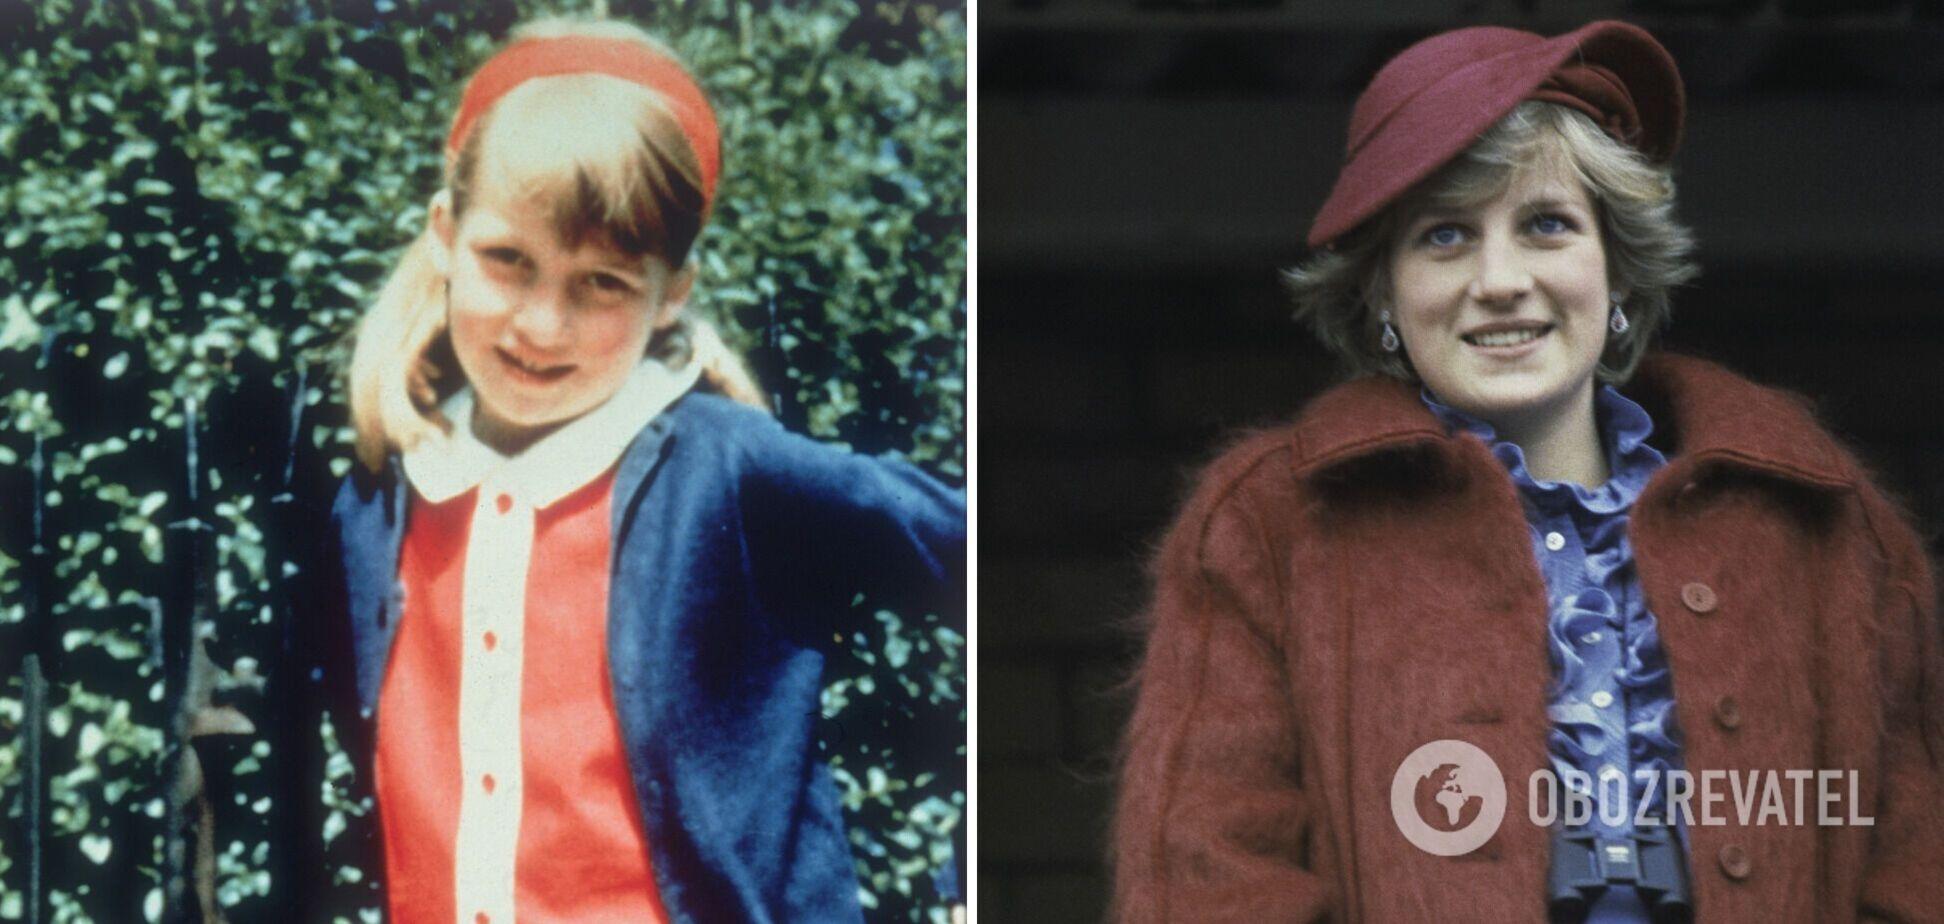 Як змінювалася принцеса Діана: фото зірки протягом життя